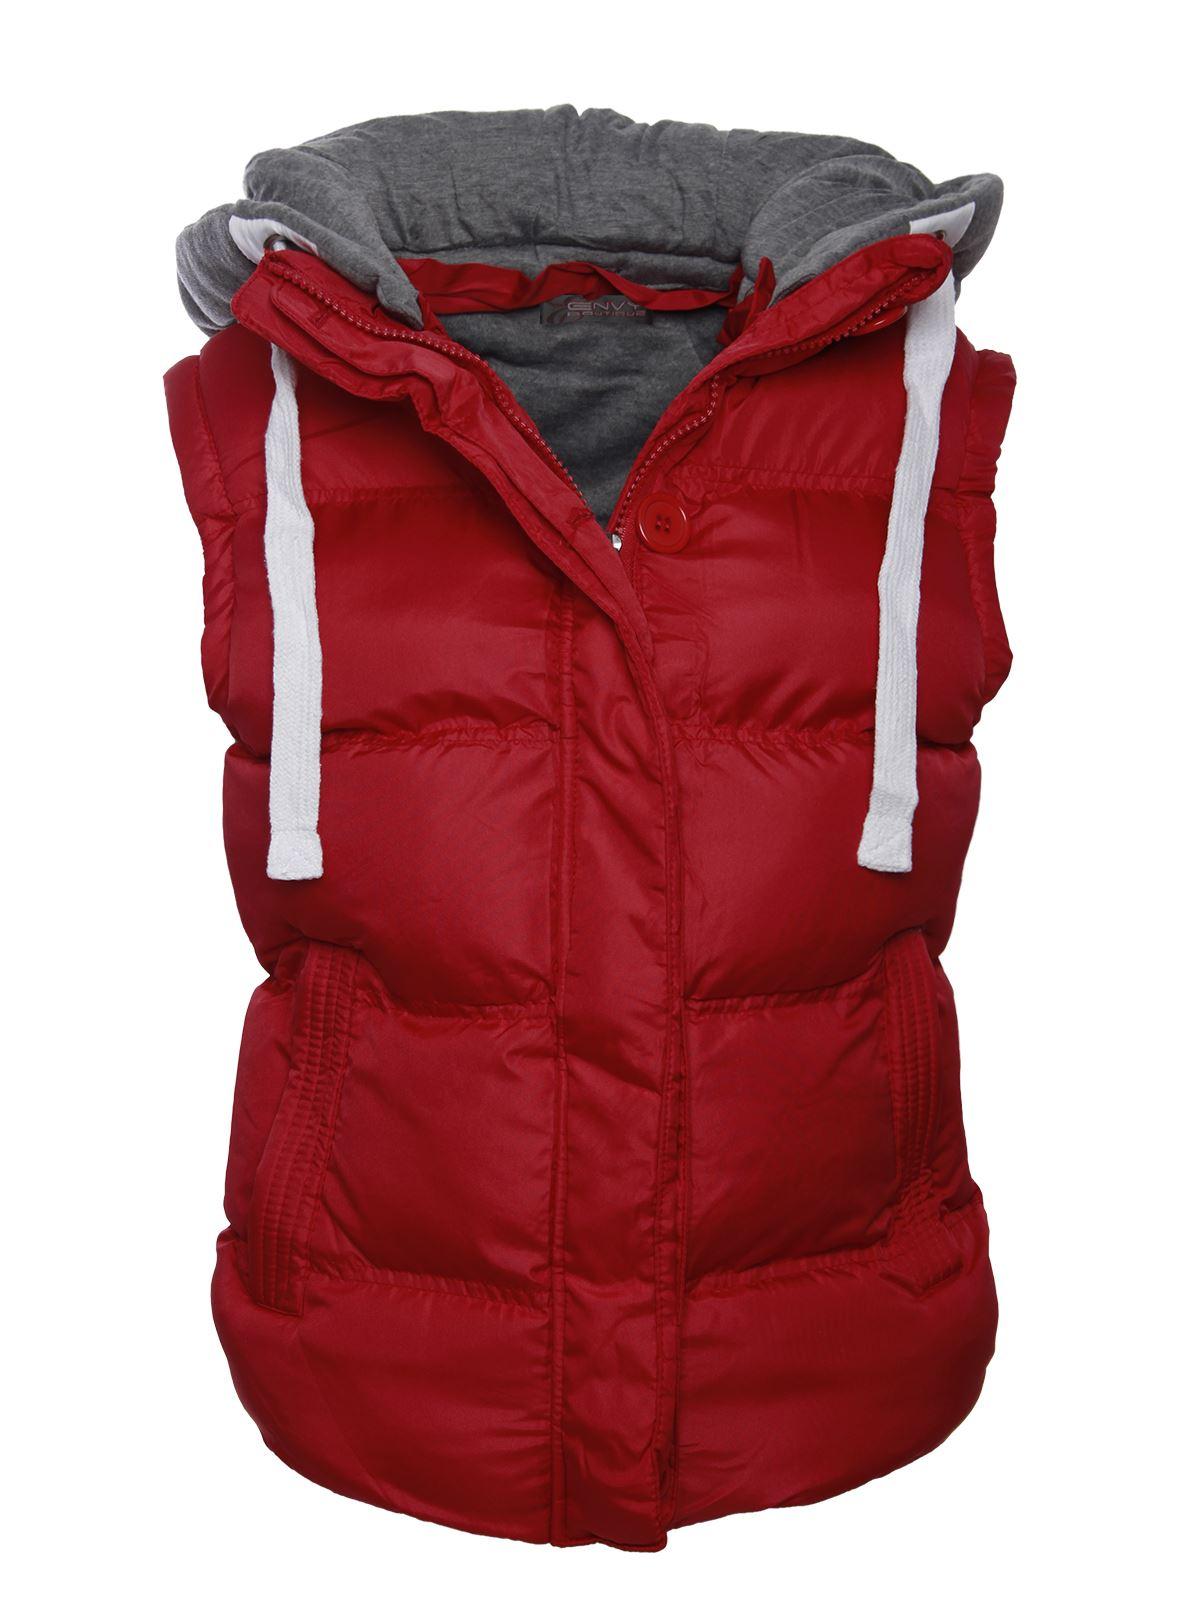 Sleeveless jacket for women